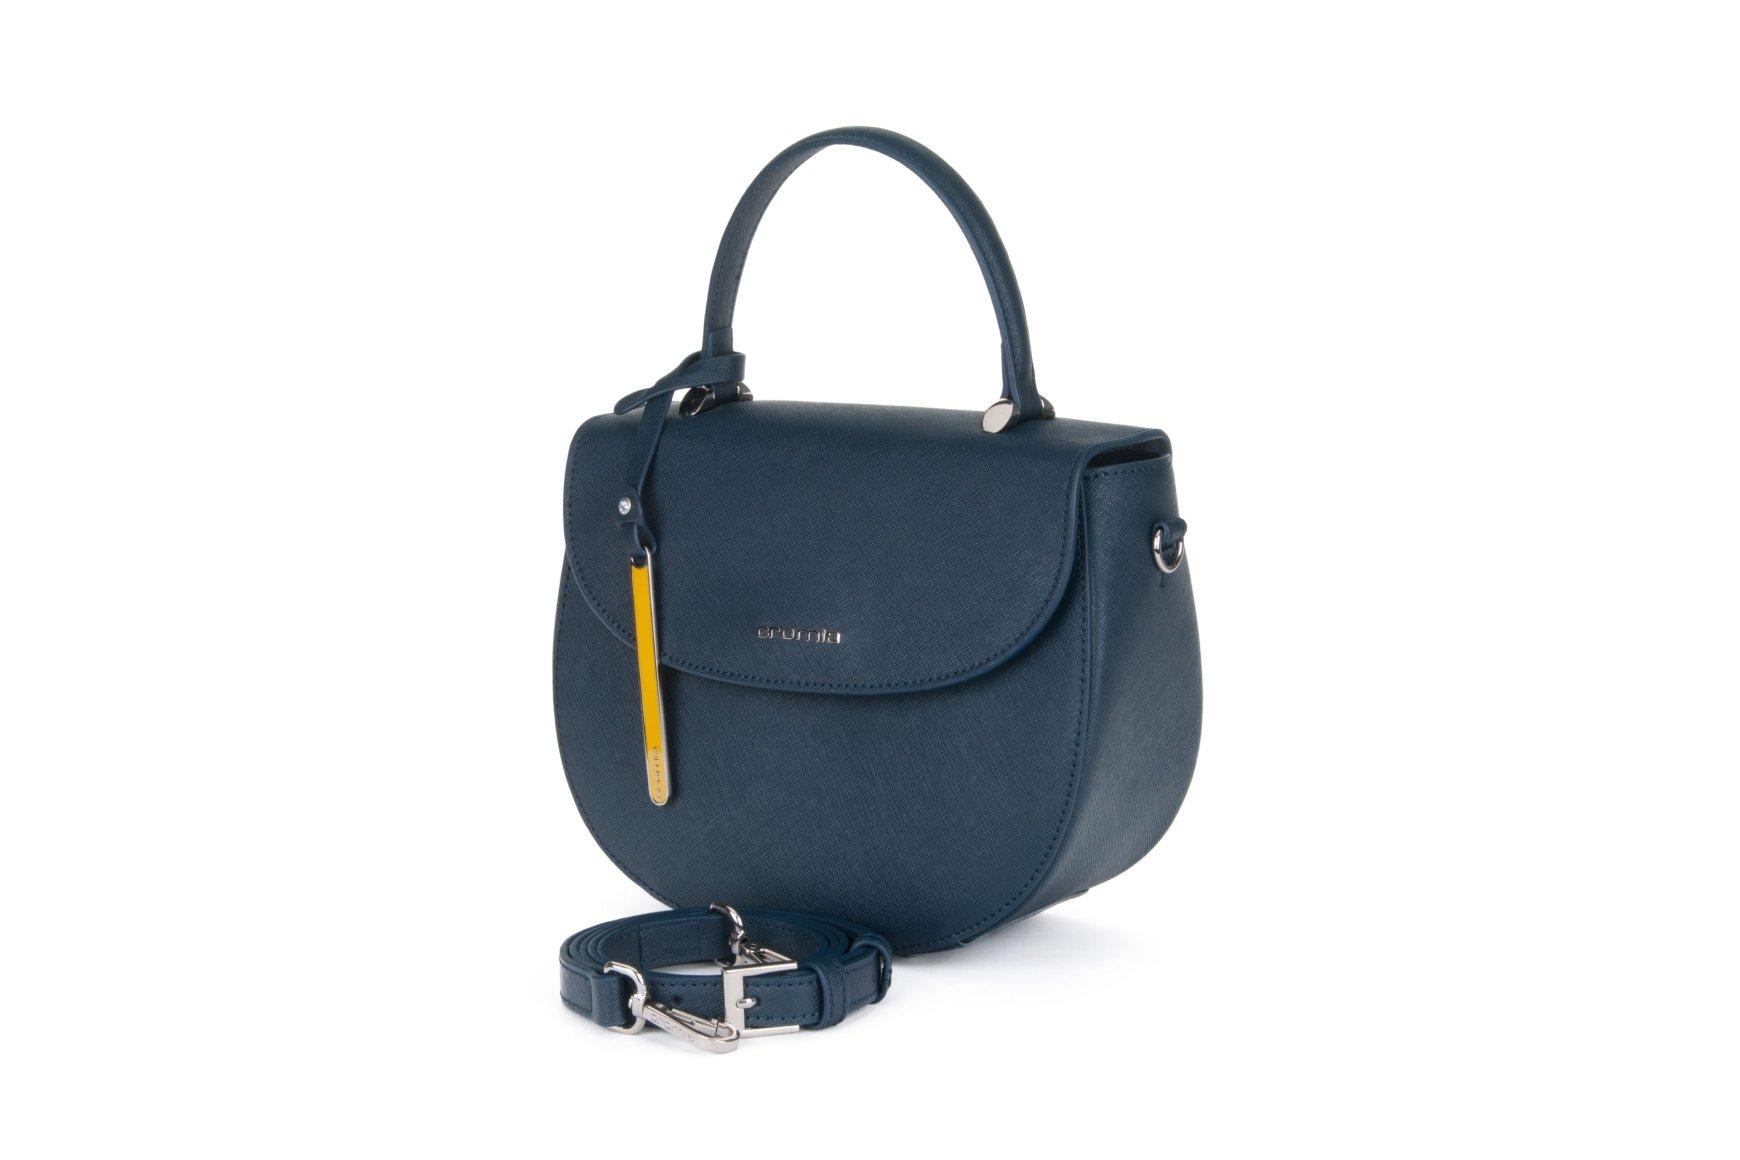 0744423f36a0 Купить сумку из из гладкой телячьей кожи Perla Cromia Украина - Estro